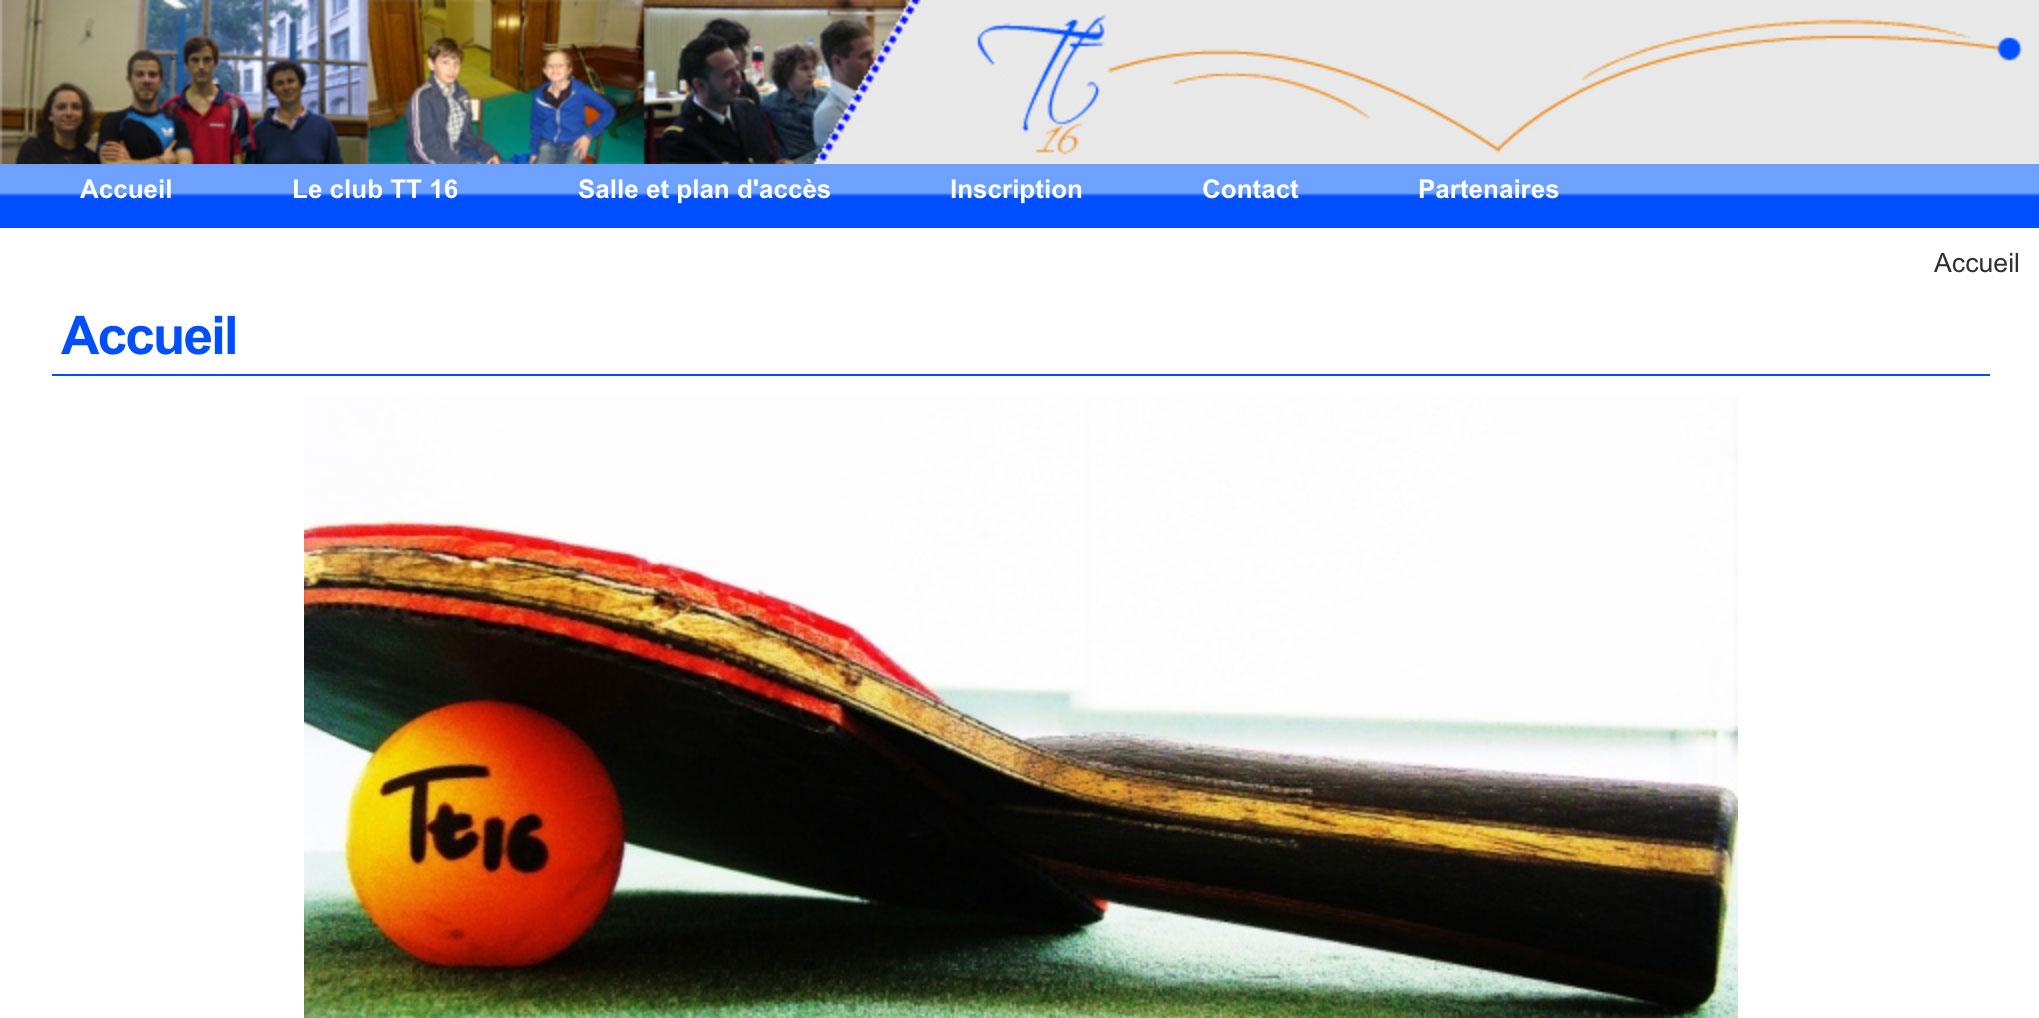 Quentin-paquignon-TT16-branding-identitévisuelle01.jpg